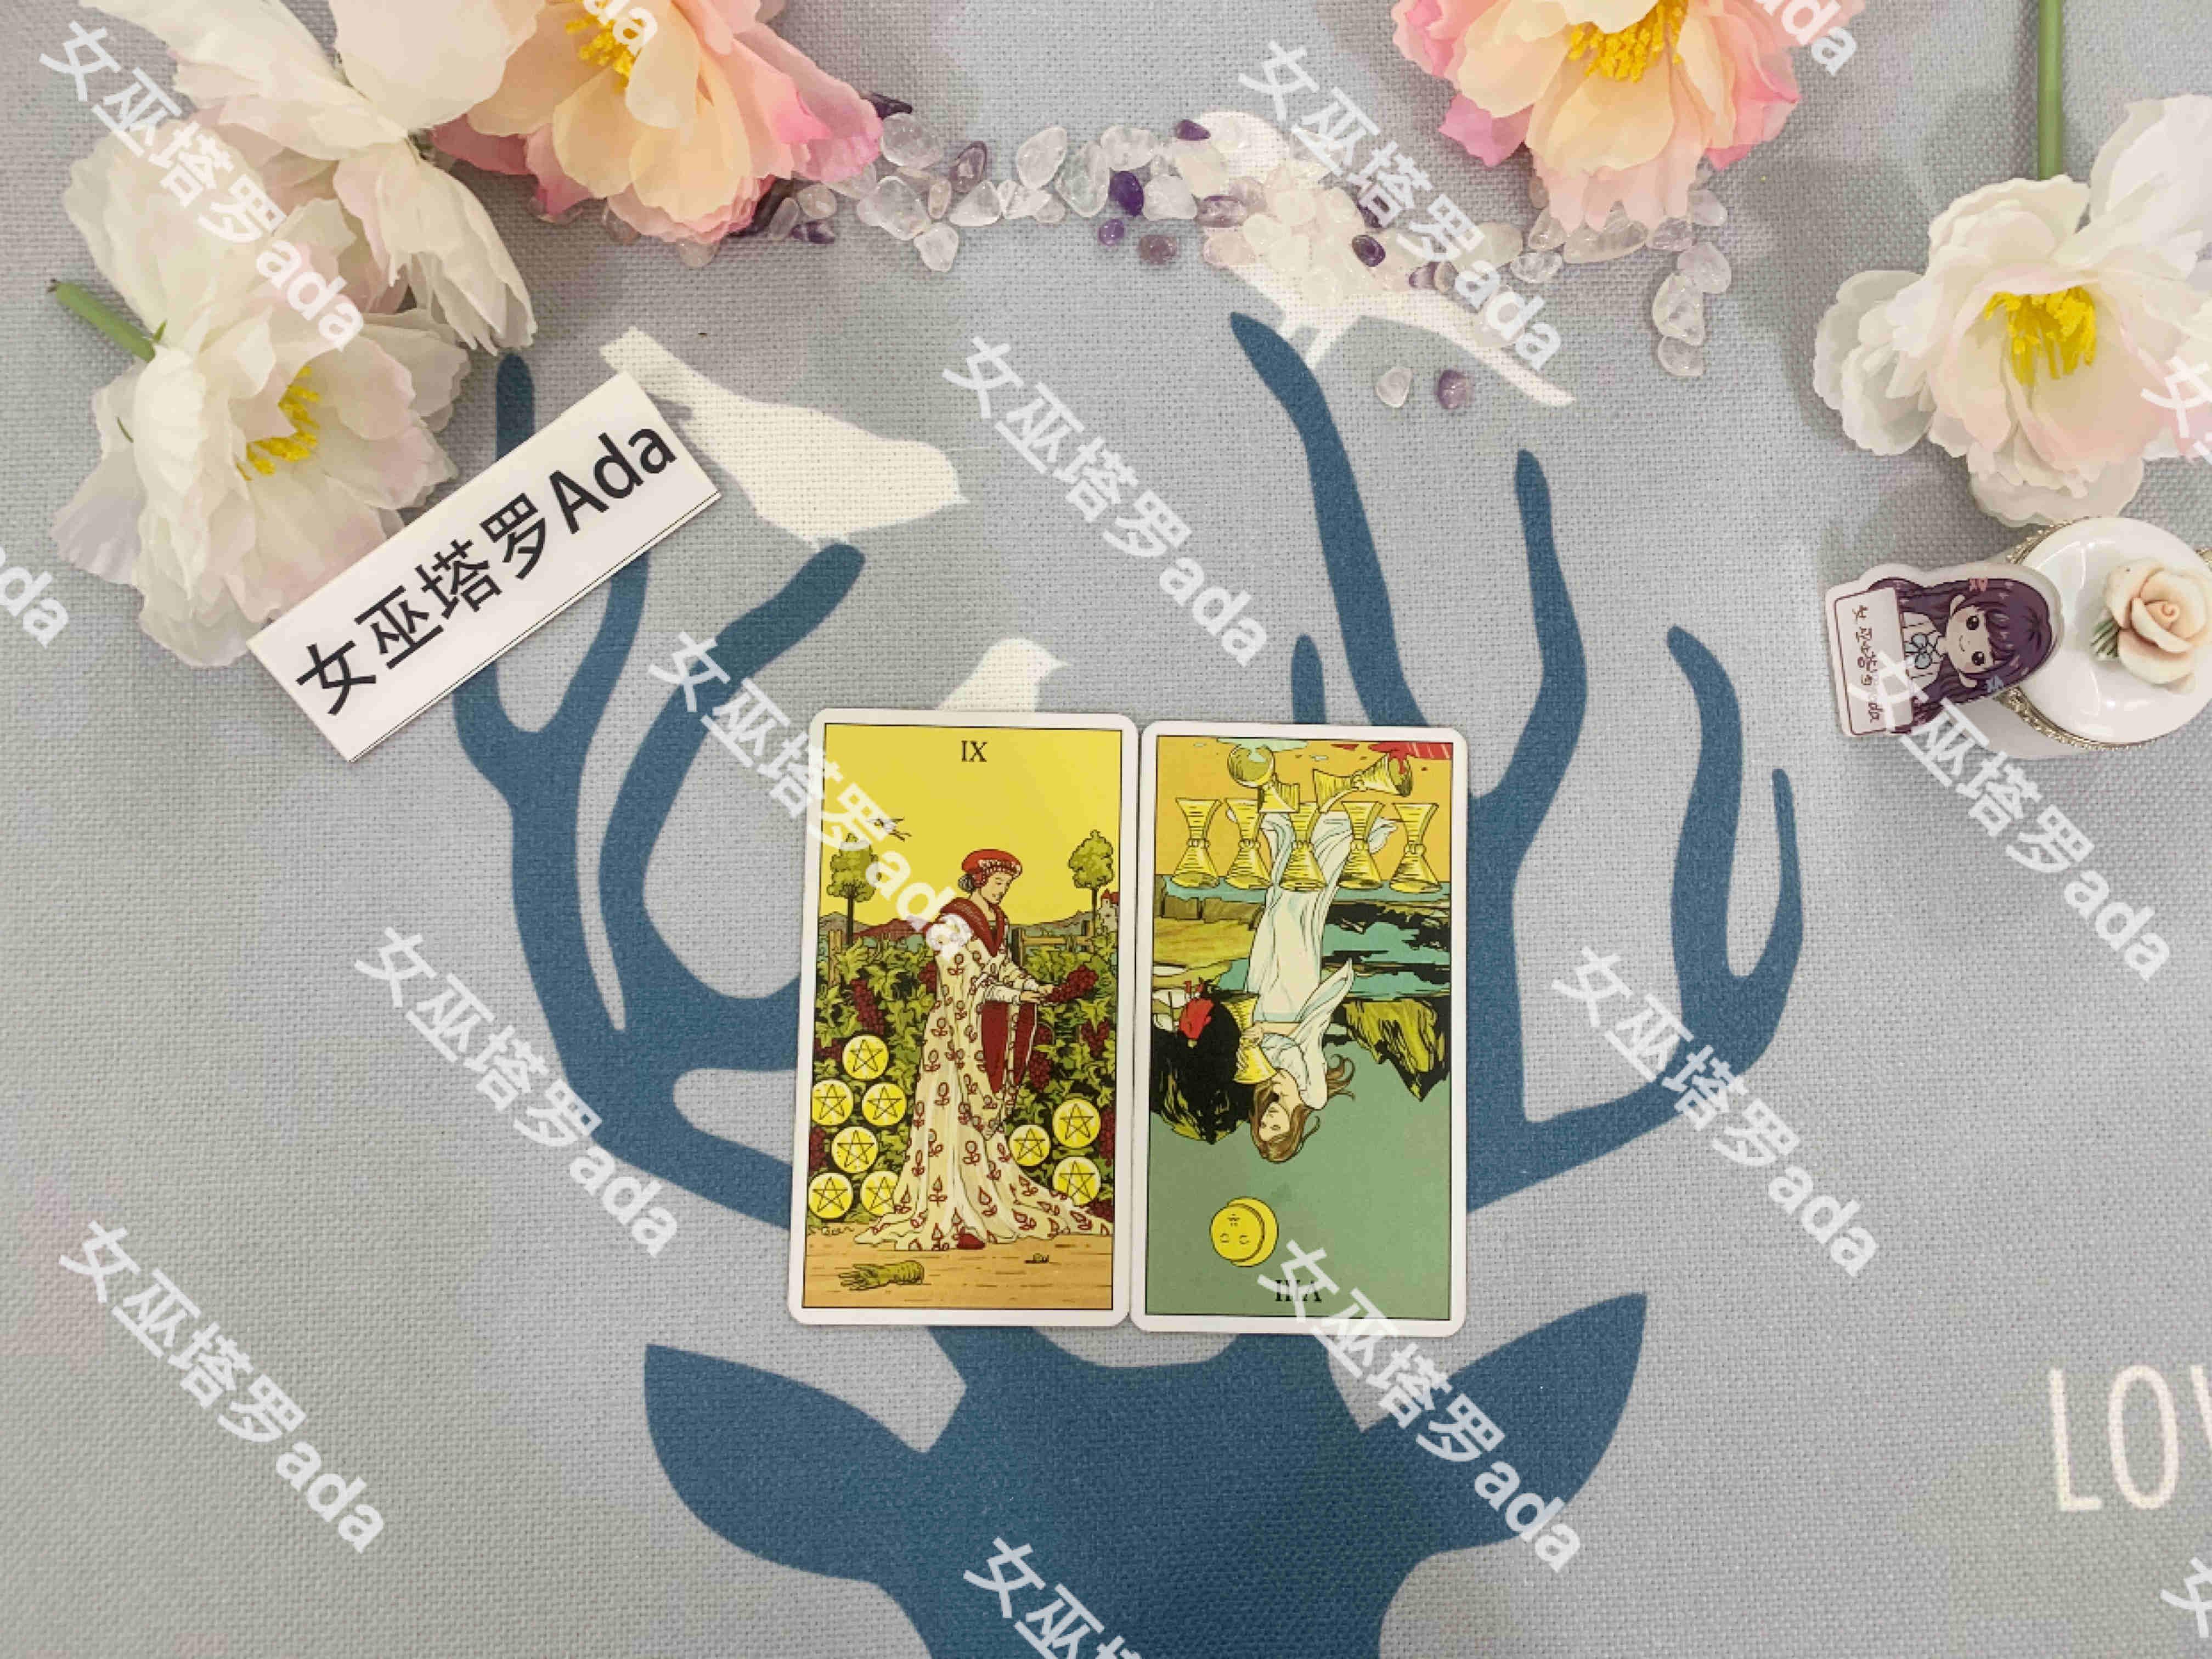 塔罗金牛座2021年4月运势:桃花朵朵开,渐渐抓不住对方的心